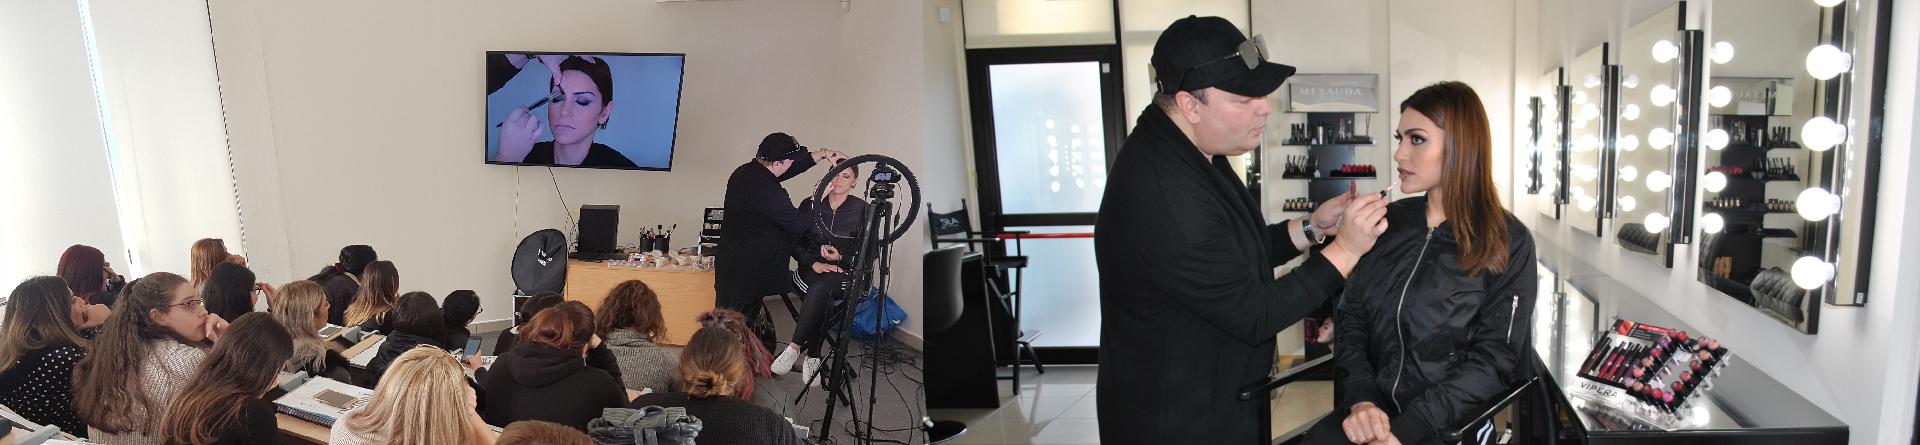 Παρουσίαση Εορταστικού Μακιγιάζ από τον μακιγιέρ της εταιρείας KYBELLA κ. Σταύρο Μπρέζα